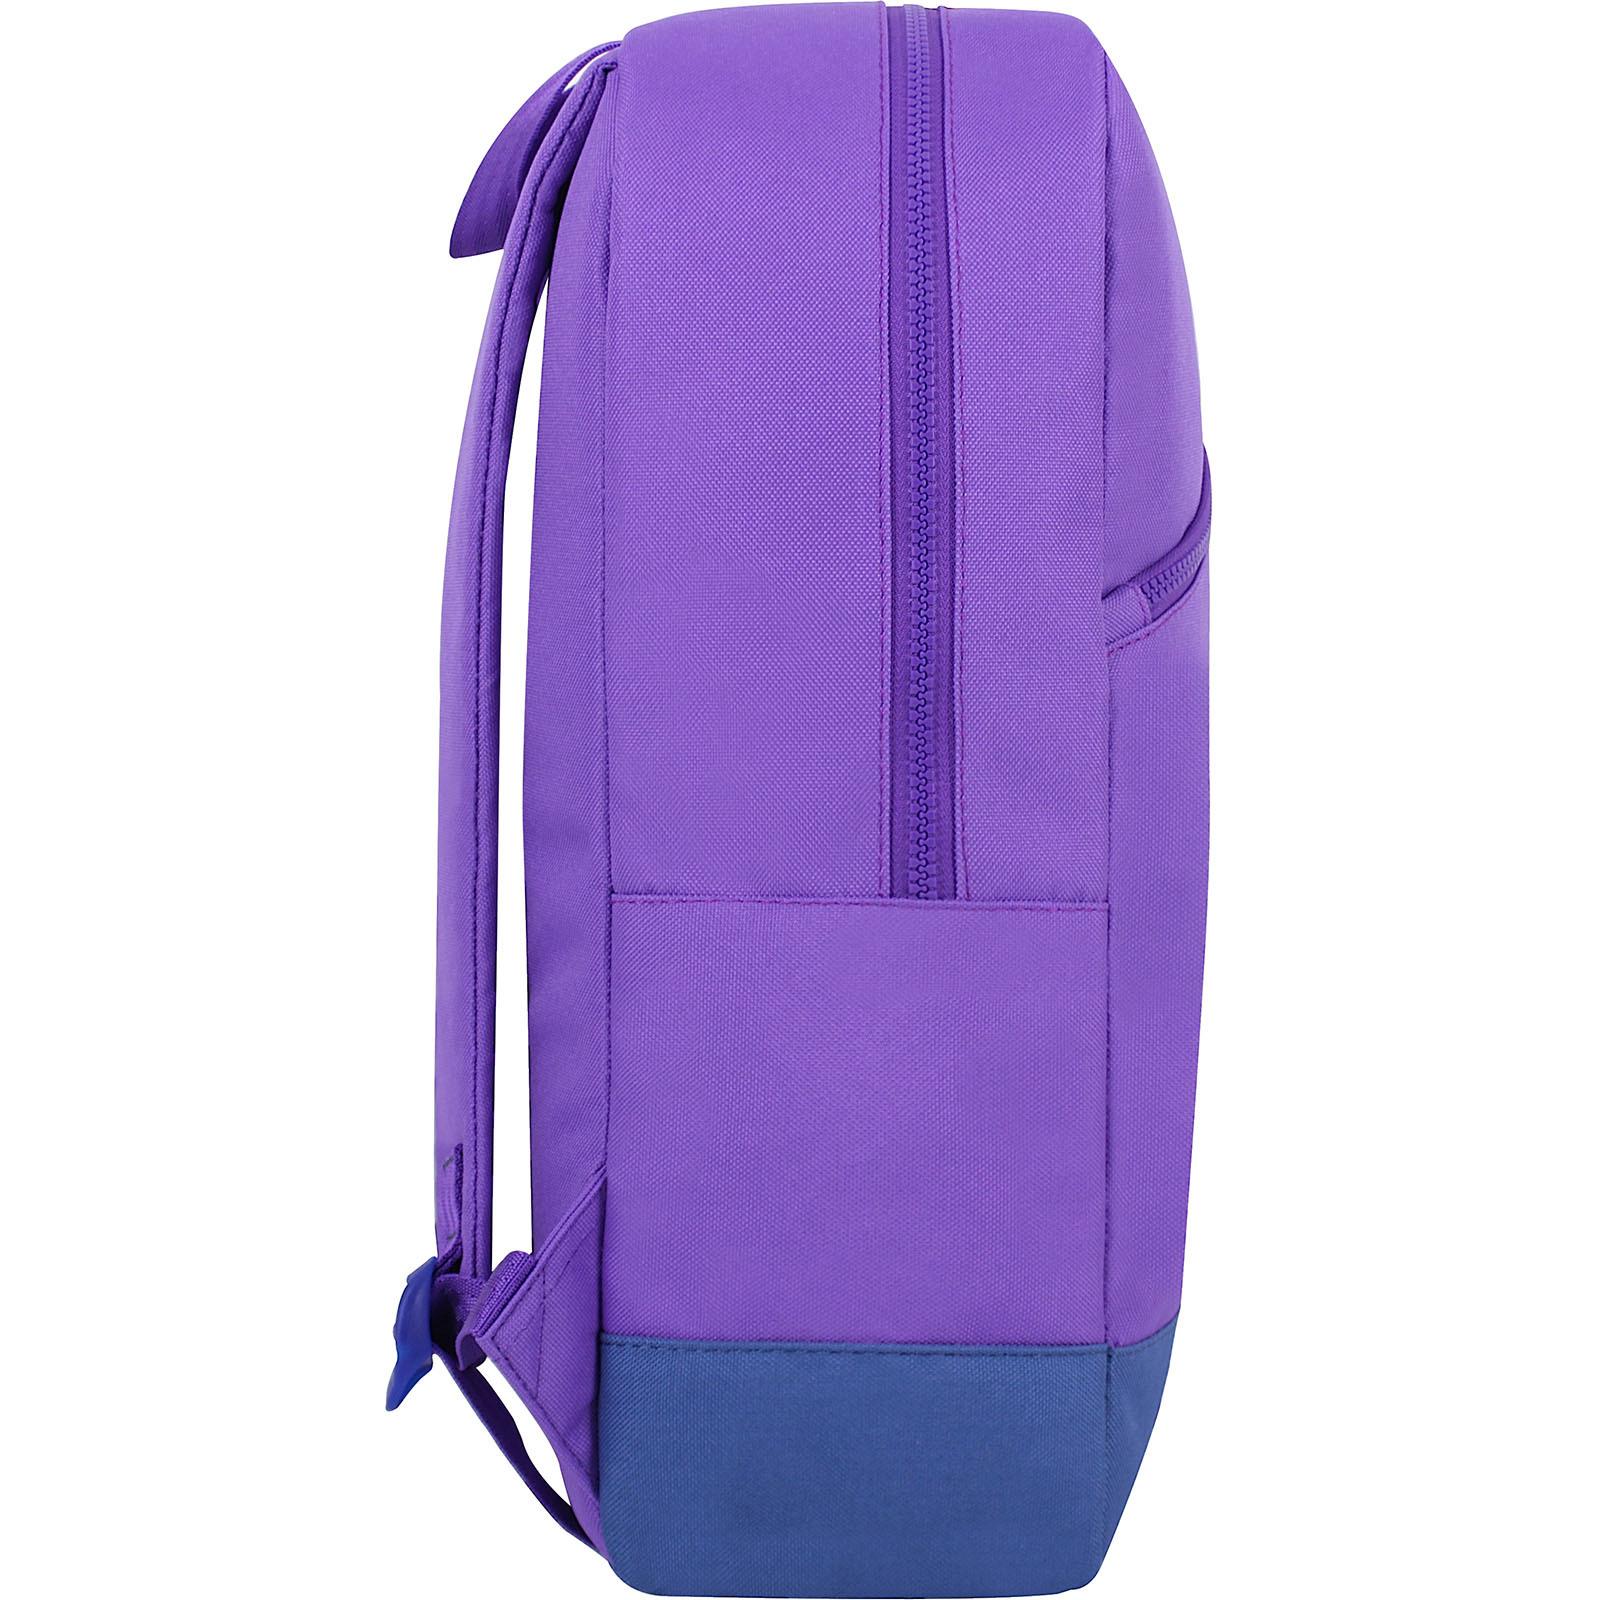 Рюкзак Bagland Amber 15 л. фиолетовый (0010466) фото 2